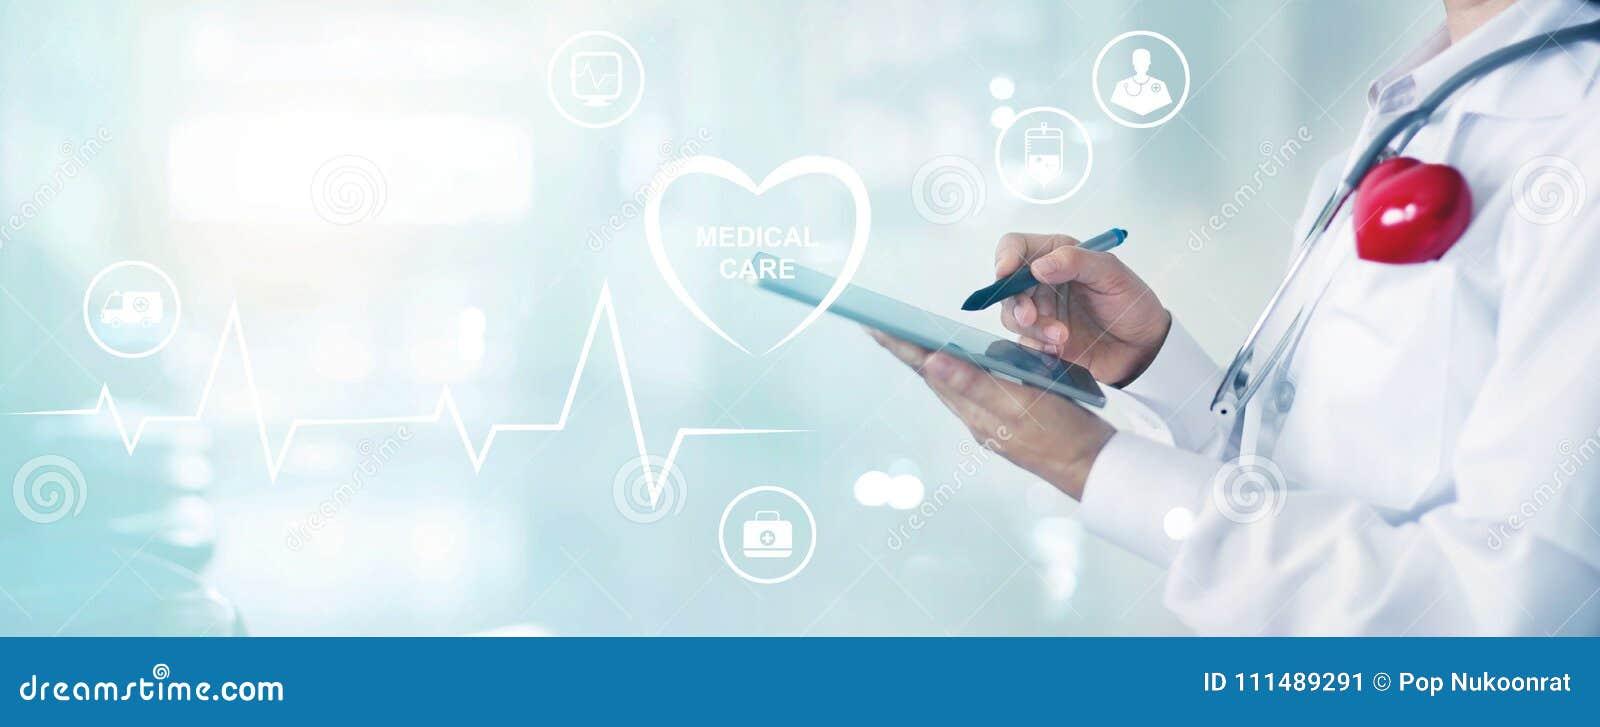 Medicindoktorn med det rörande informationsnätverket om stetoskopet lurar